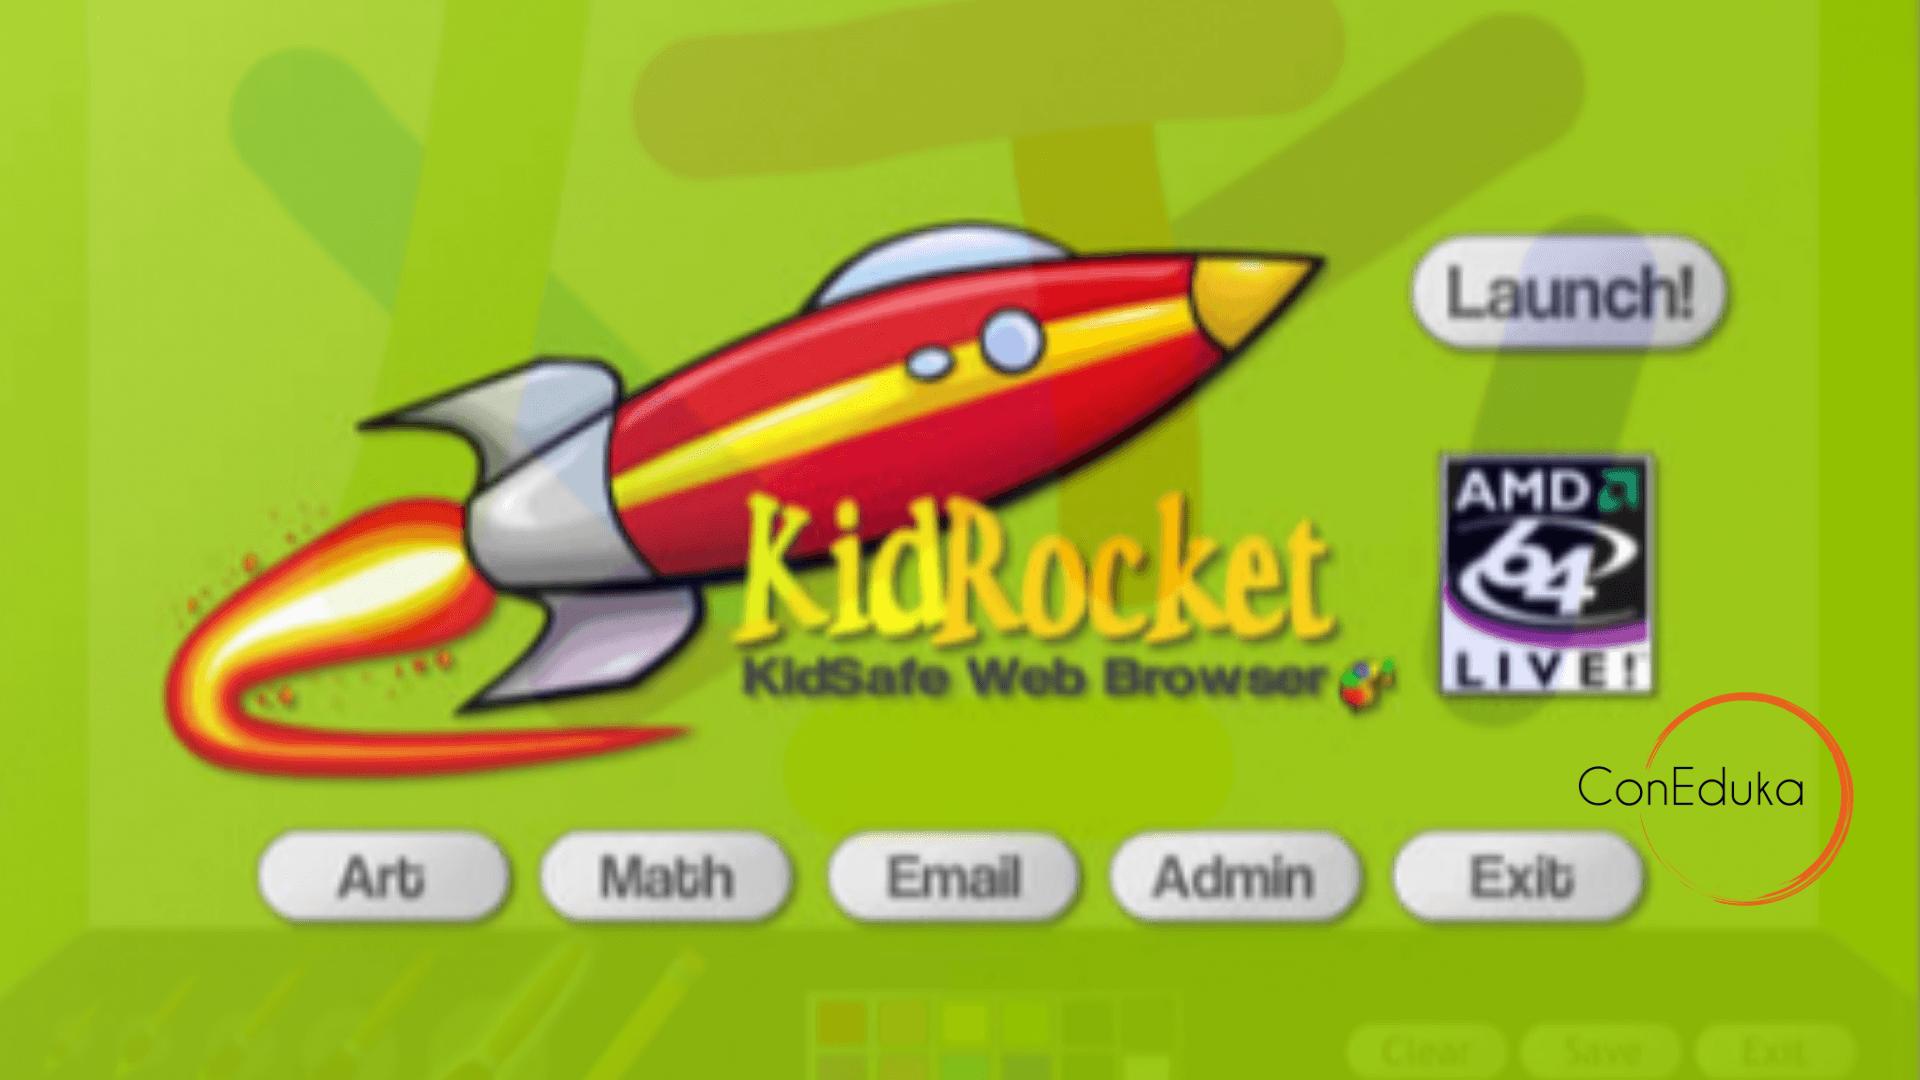 kidrocket para niños